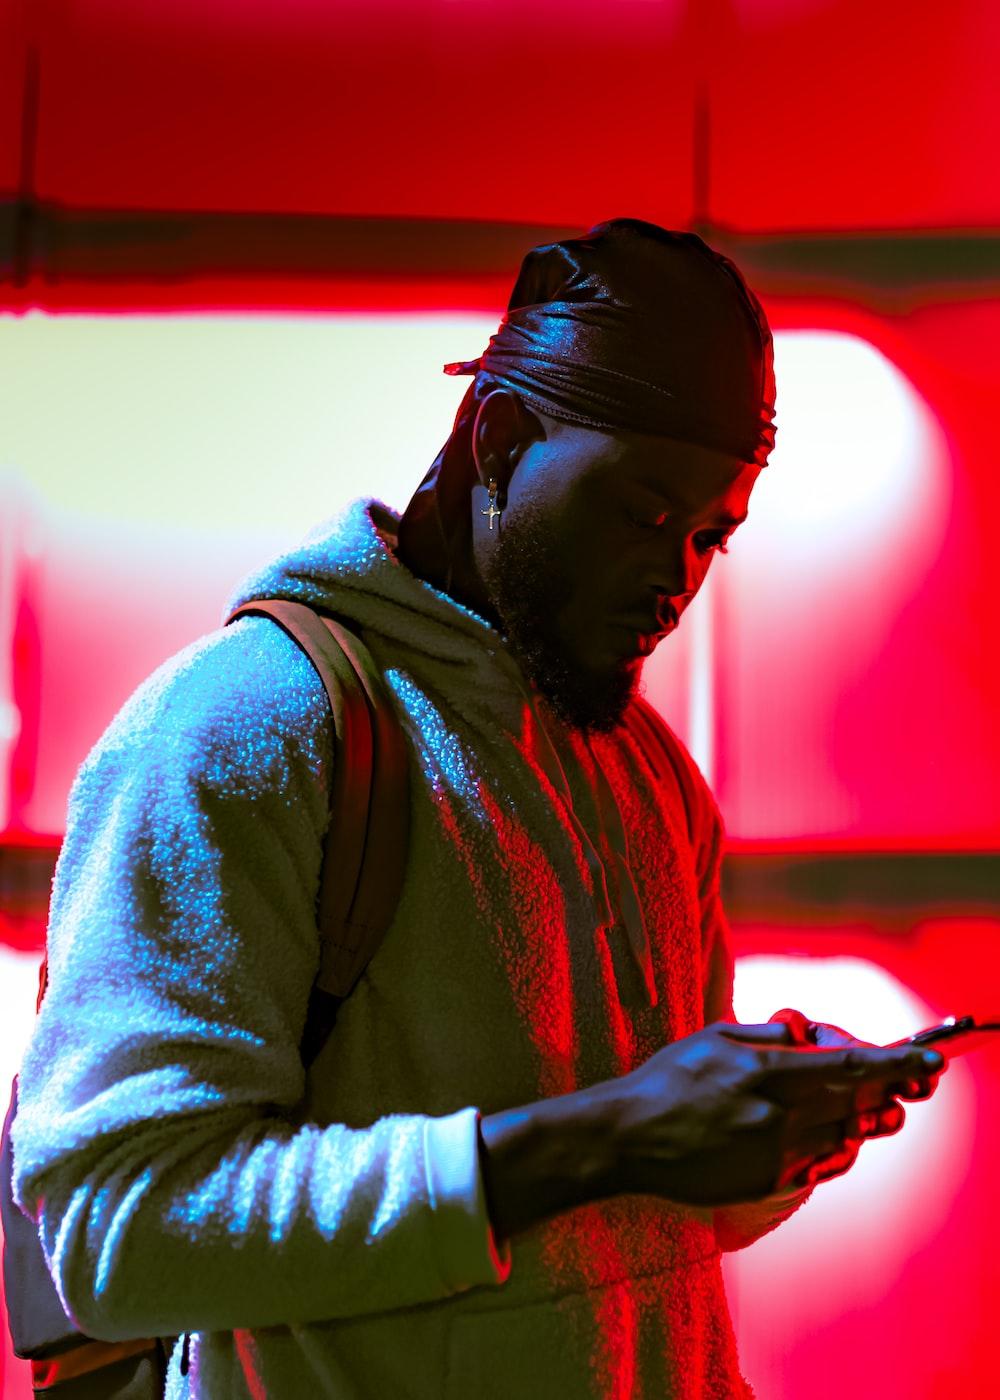 man in gray hoodie holding black smartphone